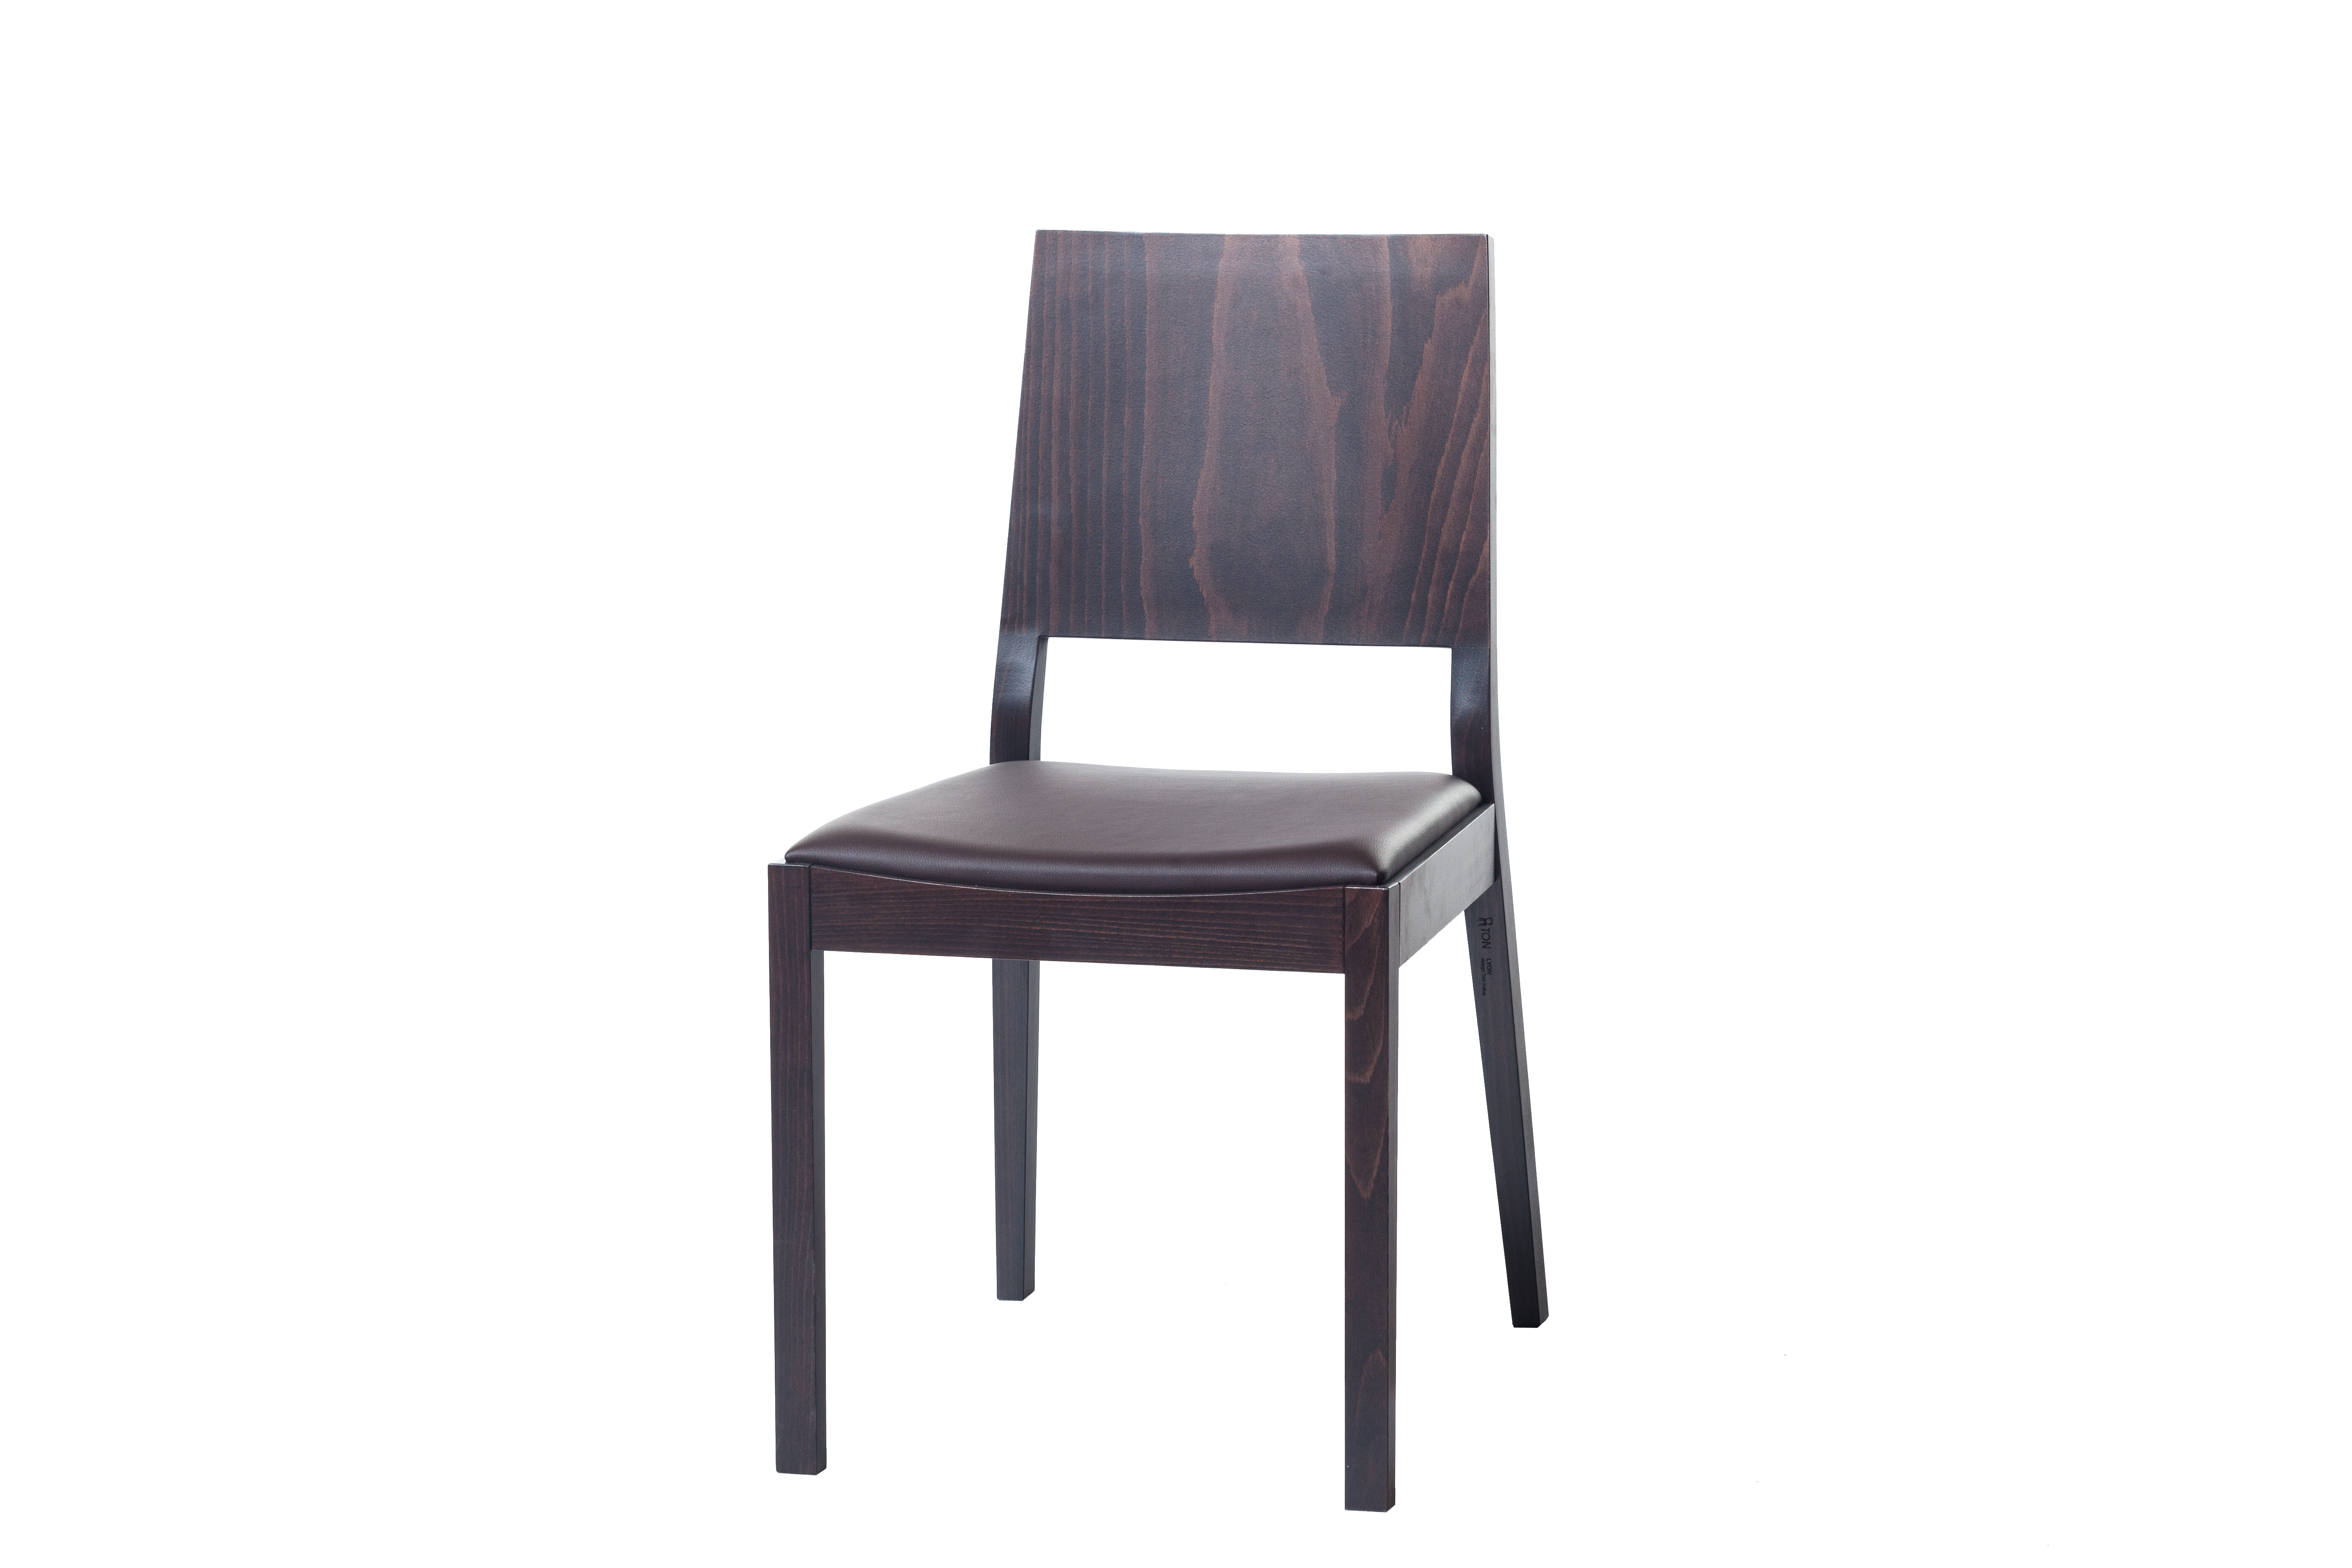 Scaun din lemn de stejar, tapitat cu piele ecologica Lyon Wenge 514, l46xA58xH86 cm